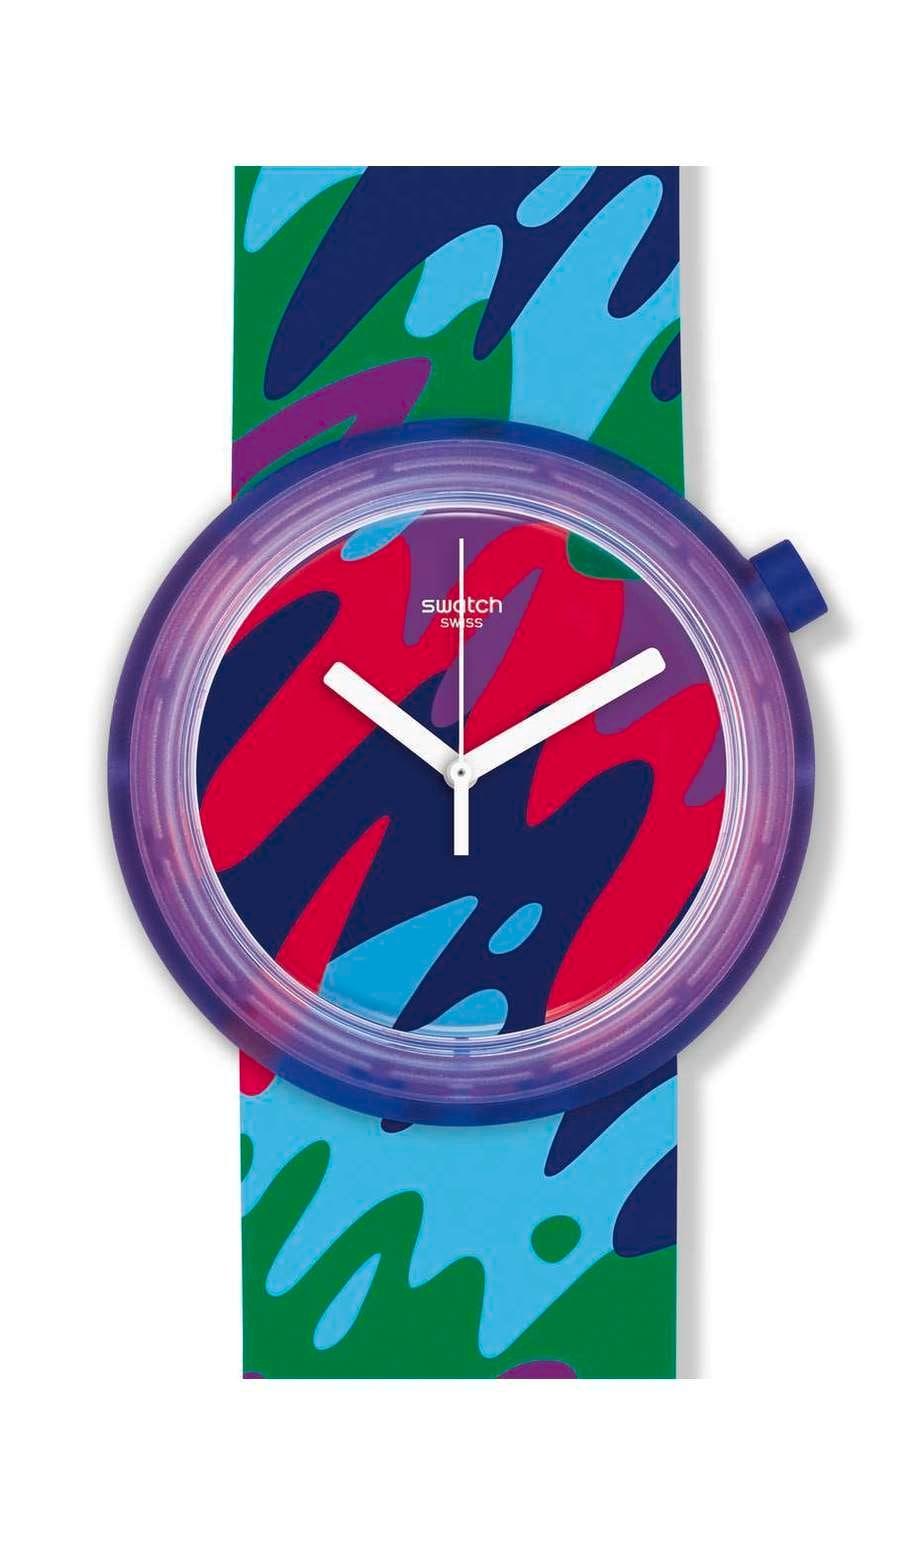 Swatch - POPthusiasm - 1